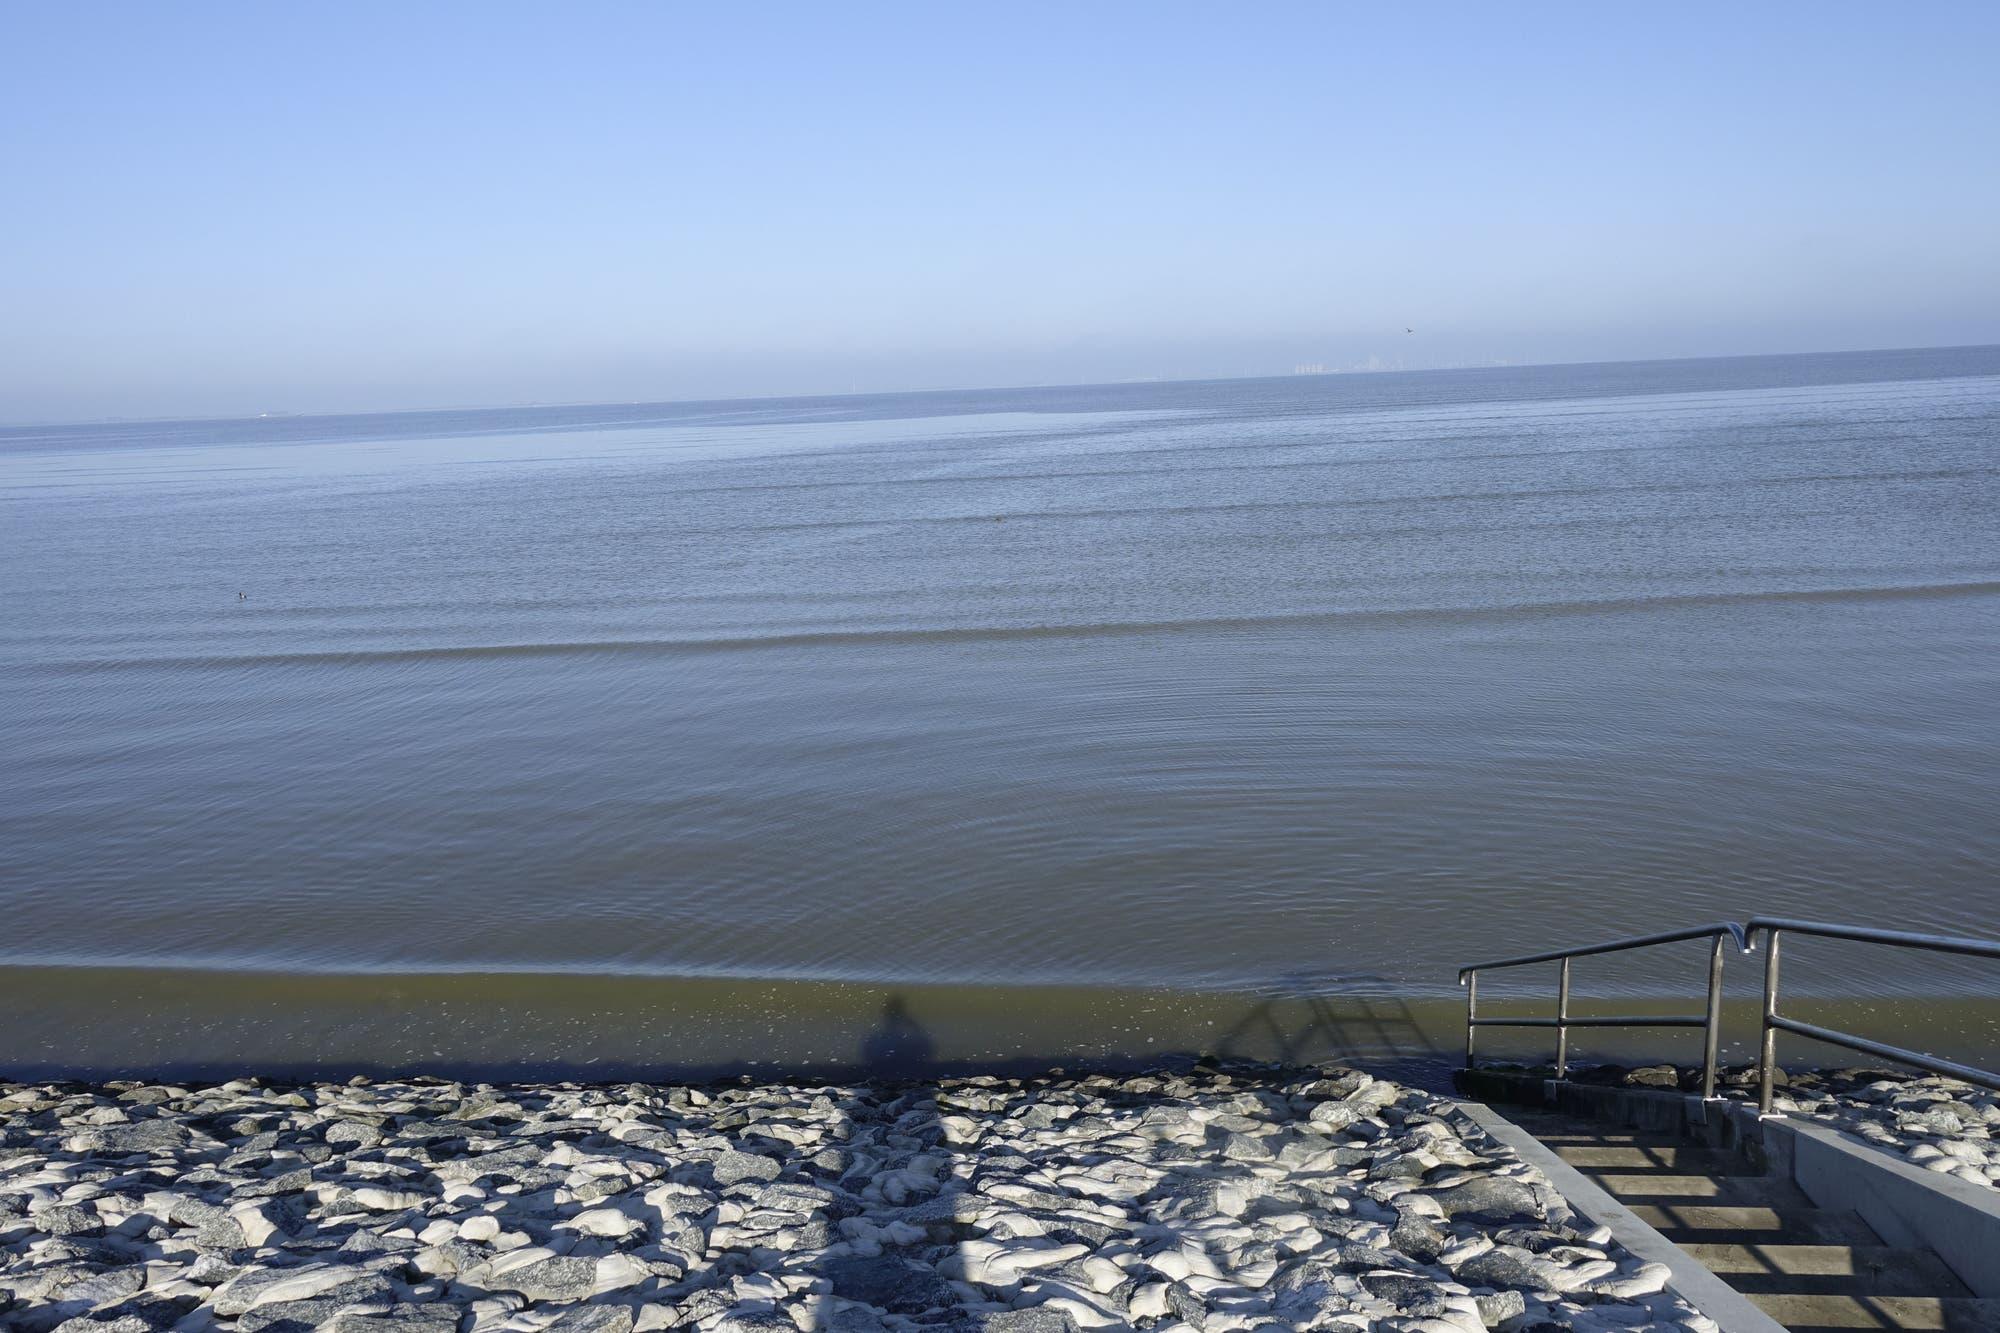 Foto von Wellenfronten, die über das Watt auf das Ufer zulaufen.